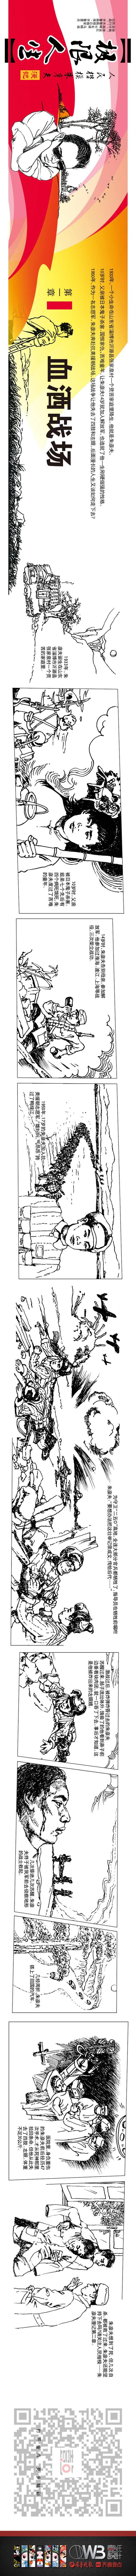 长图壹站|17岁那年他参加抗美援朝,失去了四肢和左眼……